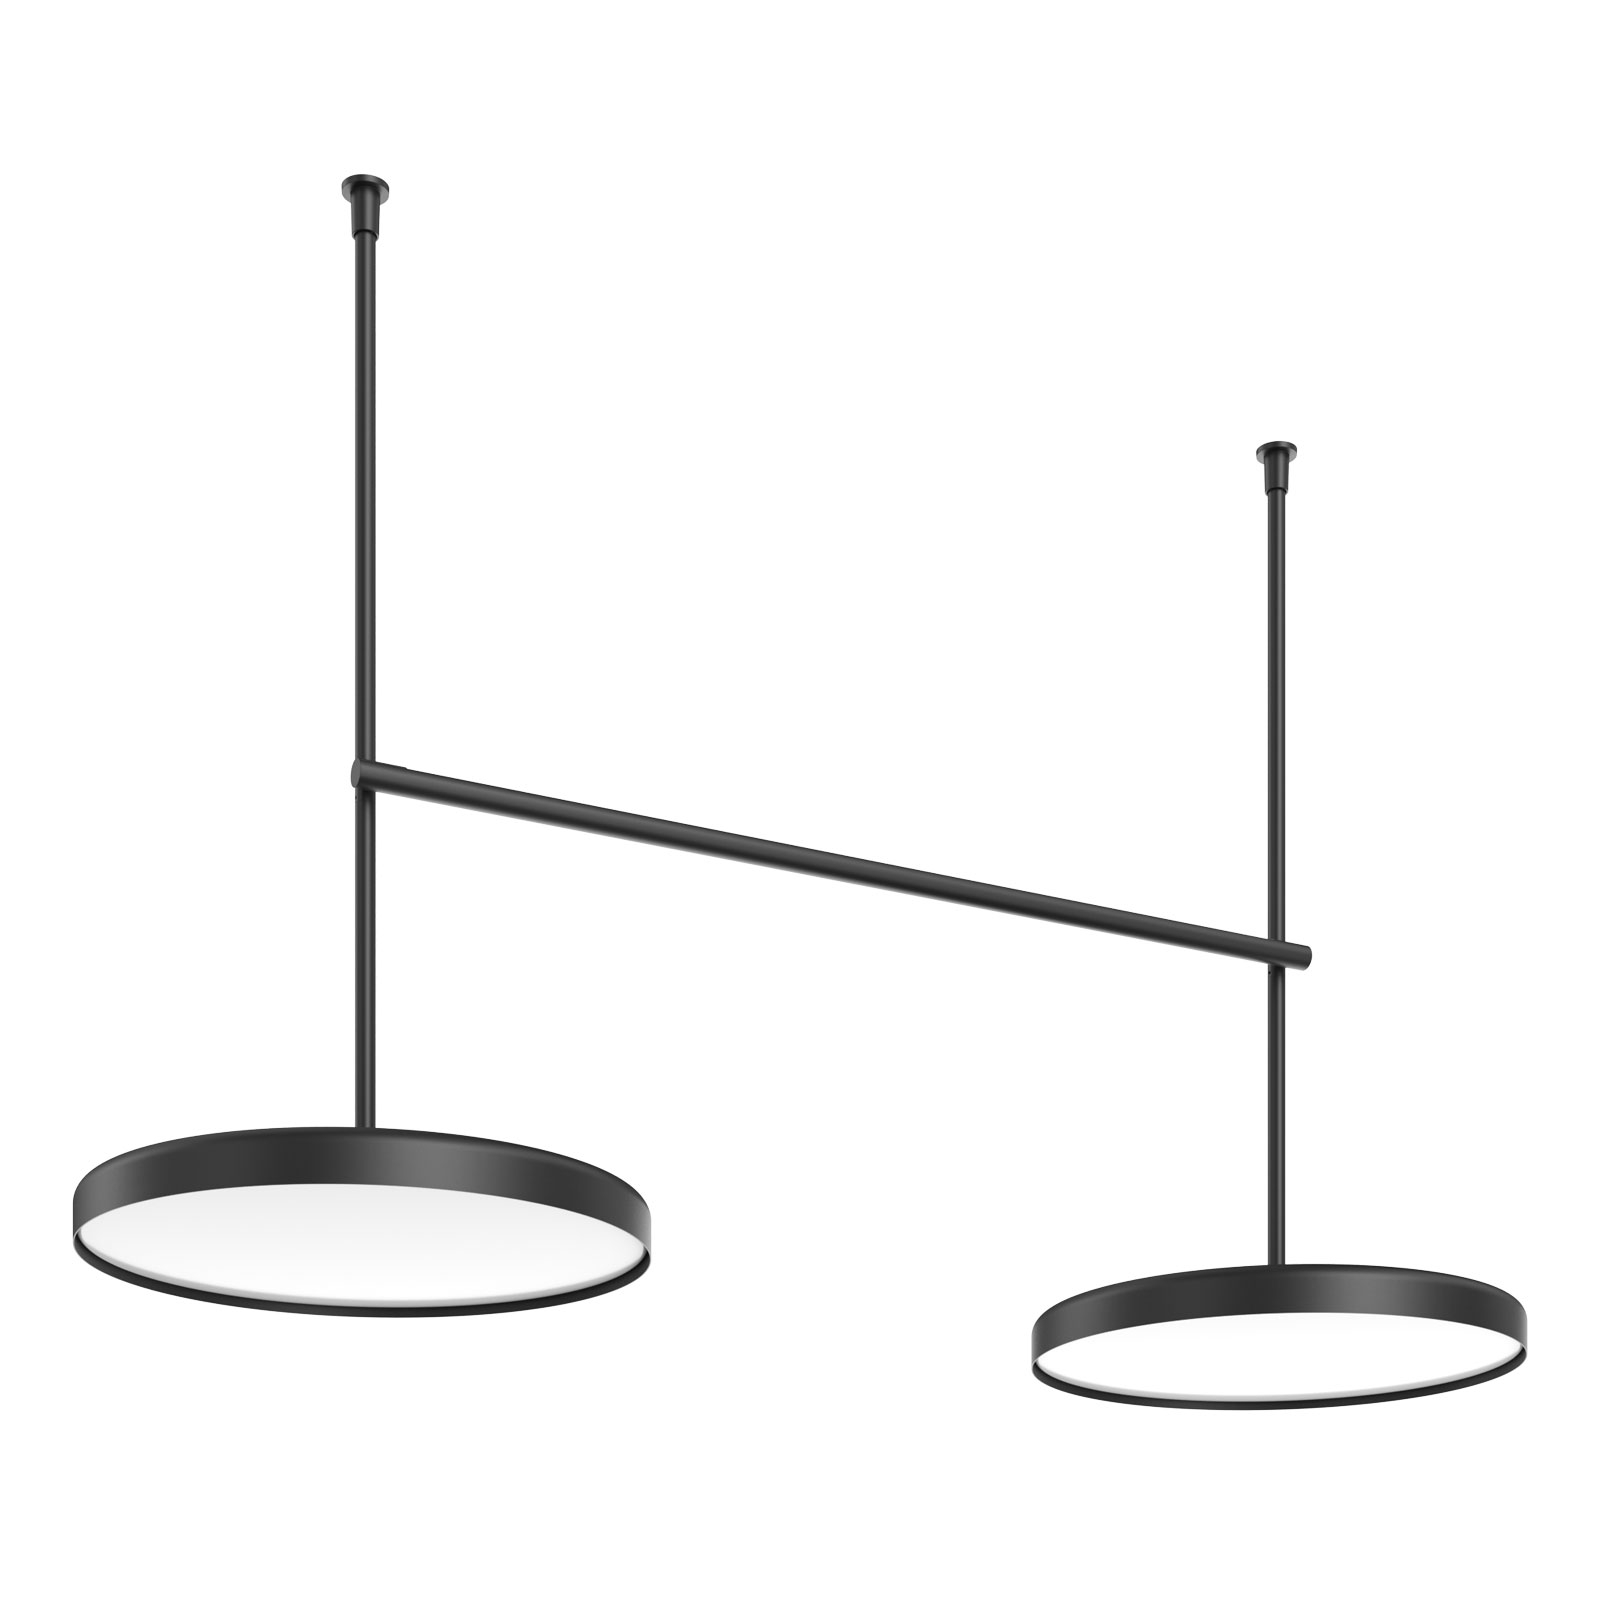 FLOS Infra-Structure C4 LED-Deckenlampe schwarz